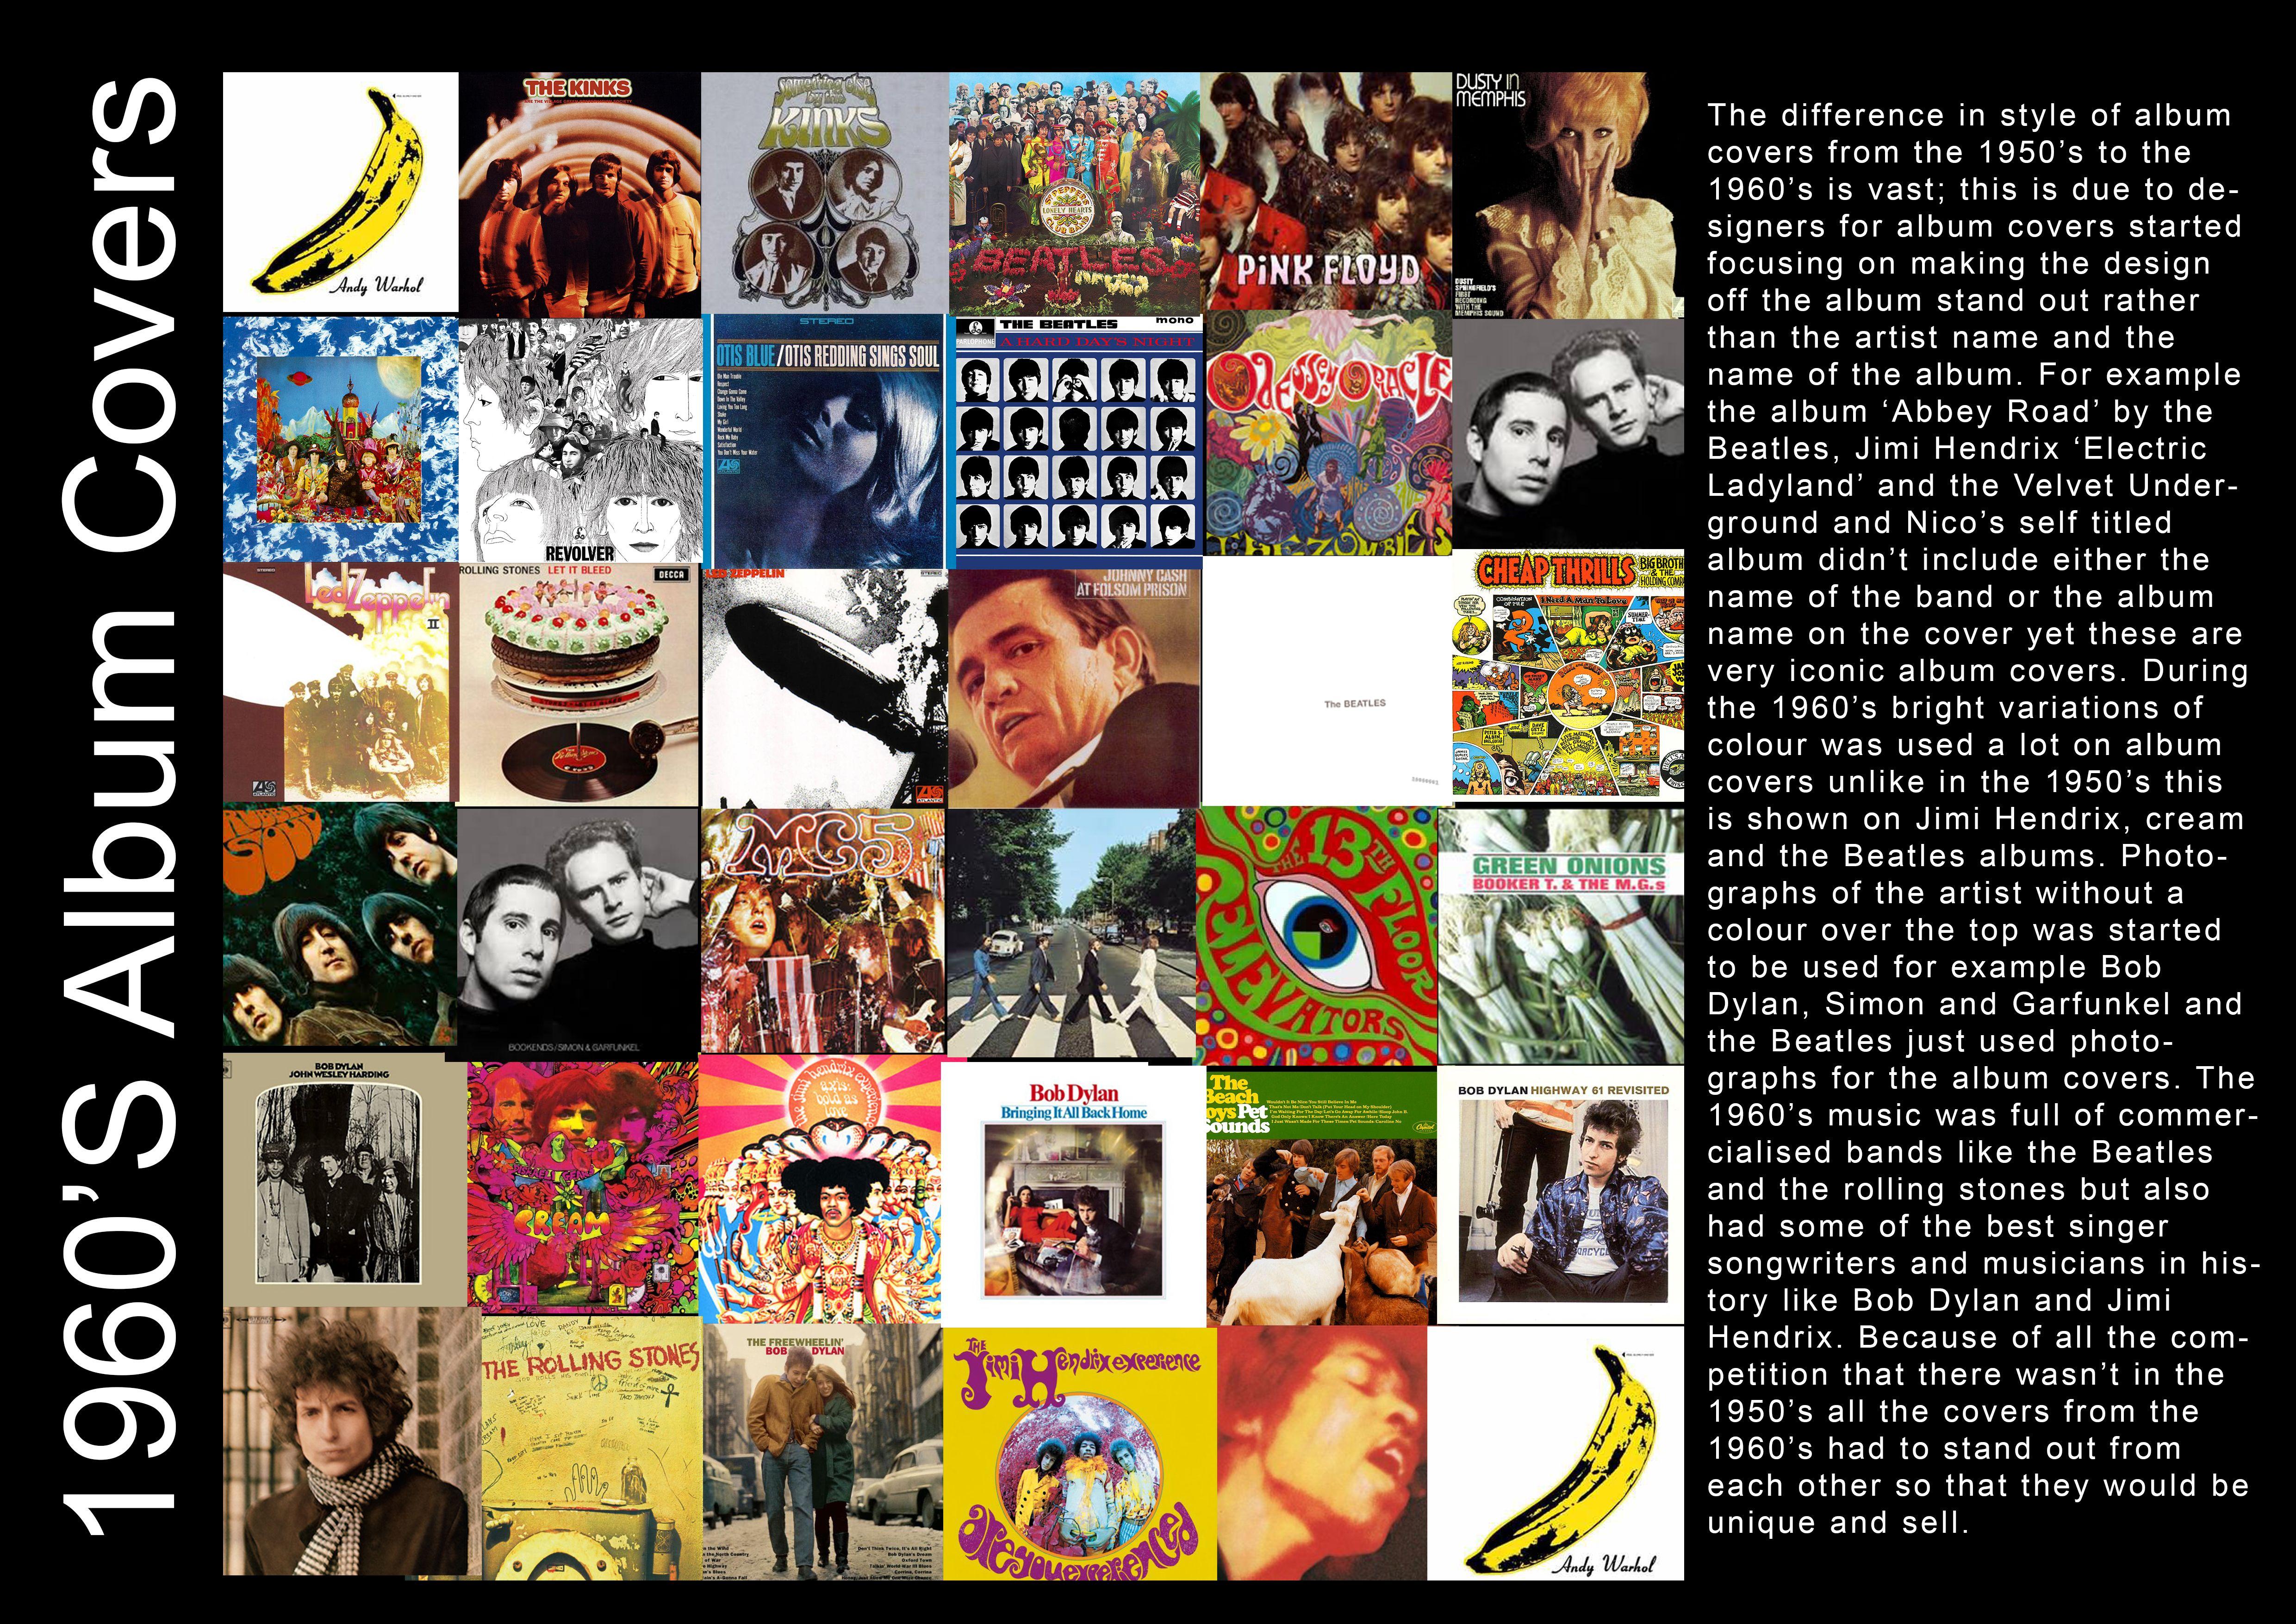 1960s album covers album covers artist names artist